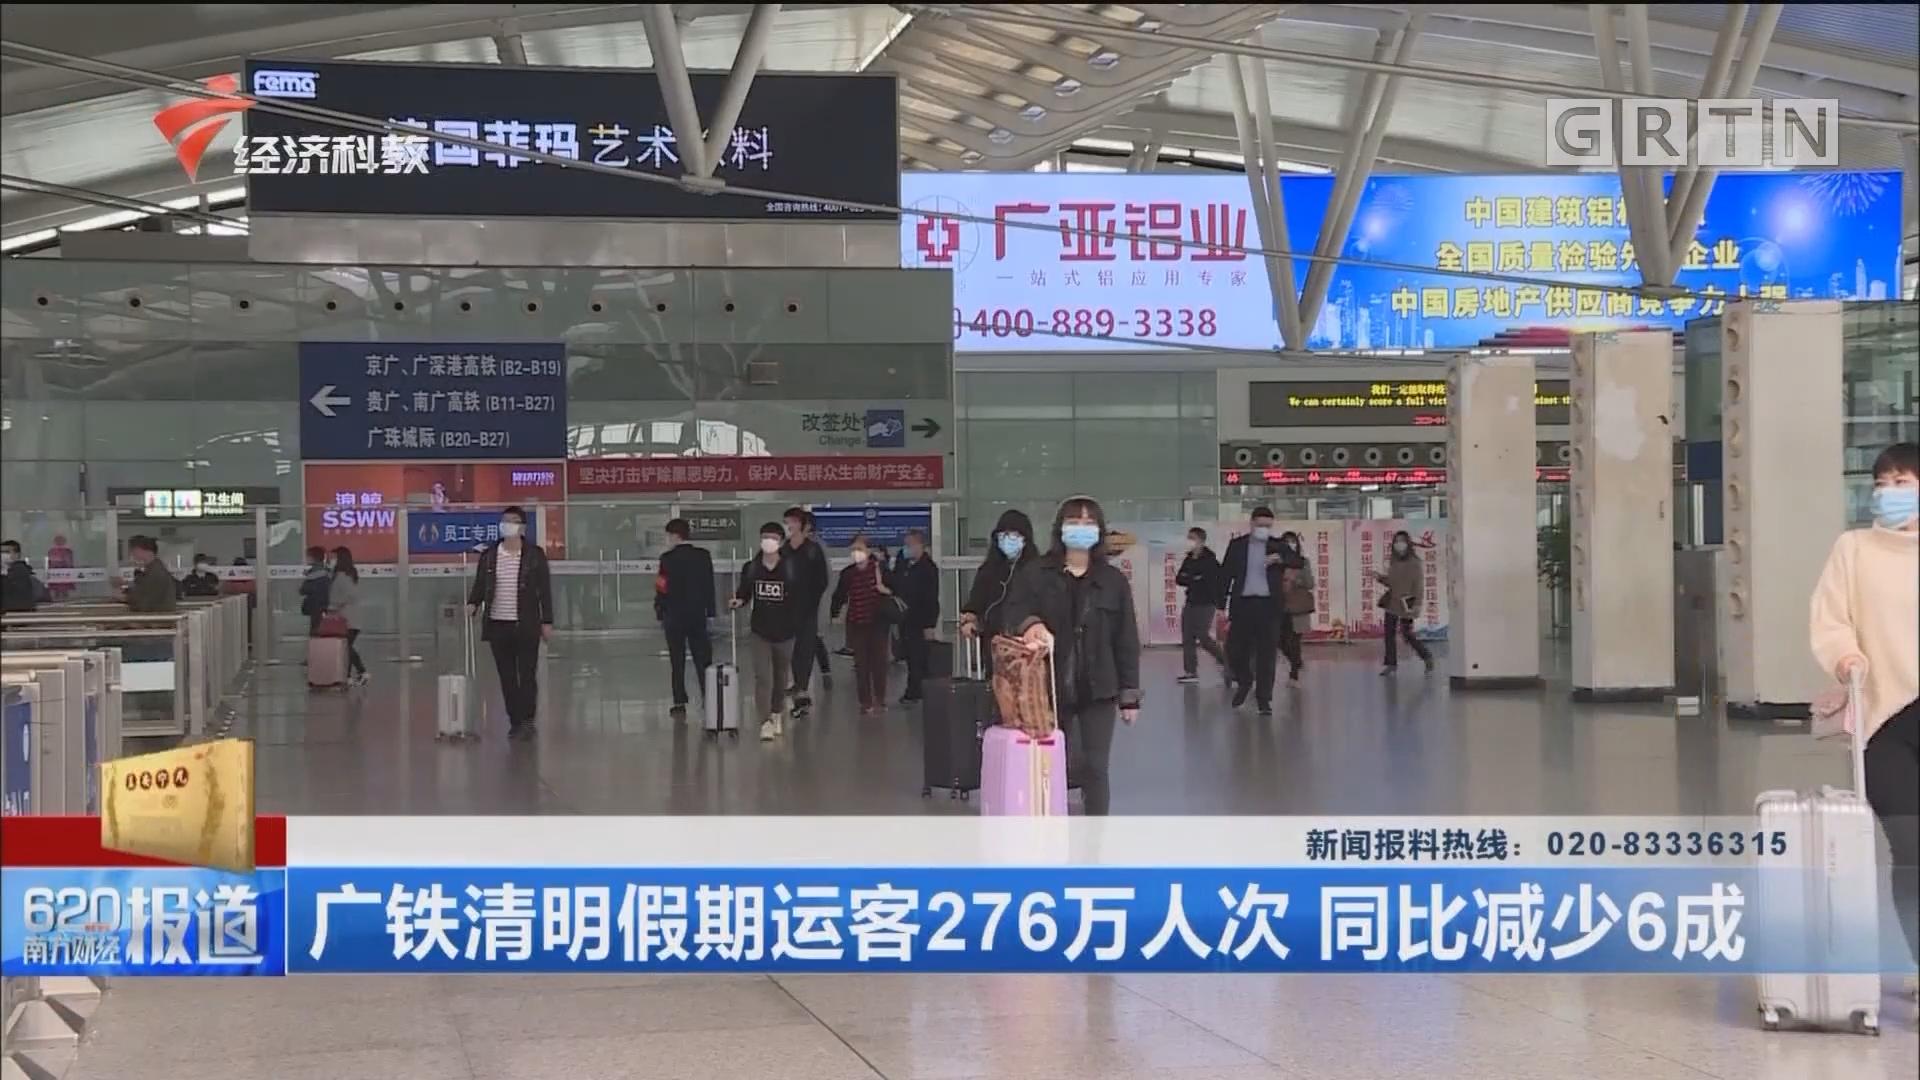 广铁清明假期运客276万人次 同比减少6成